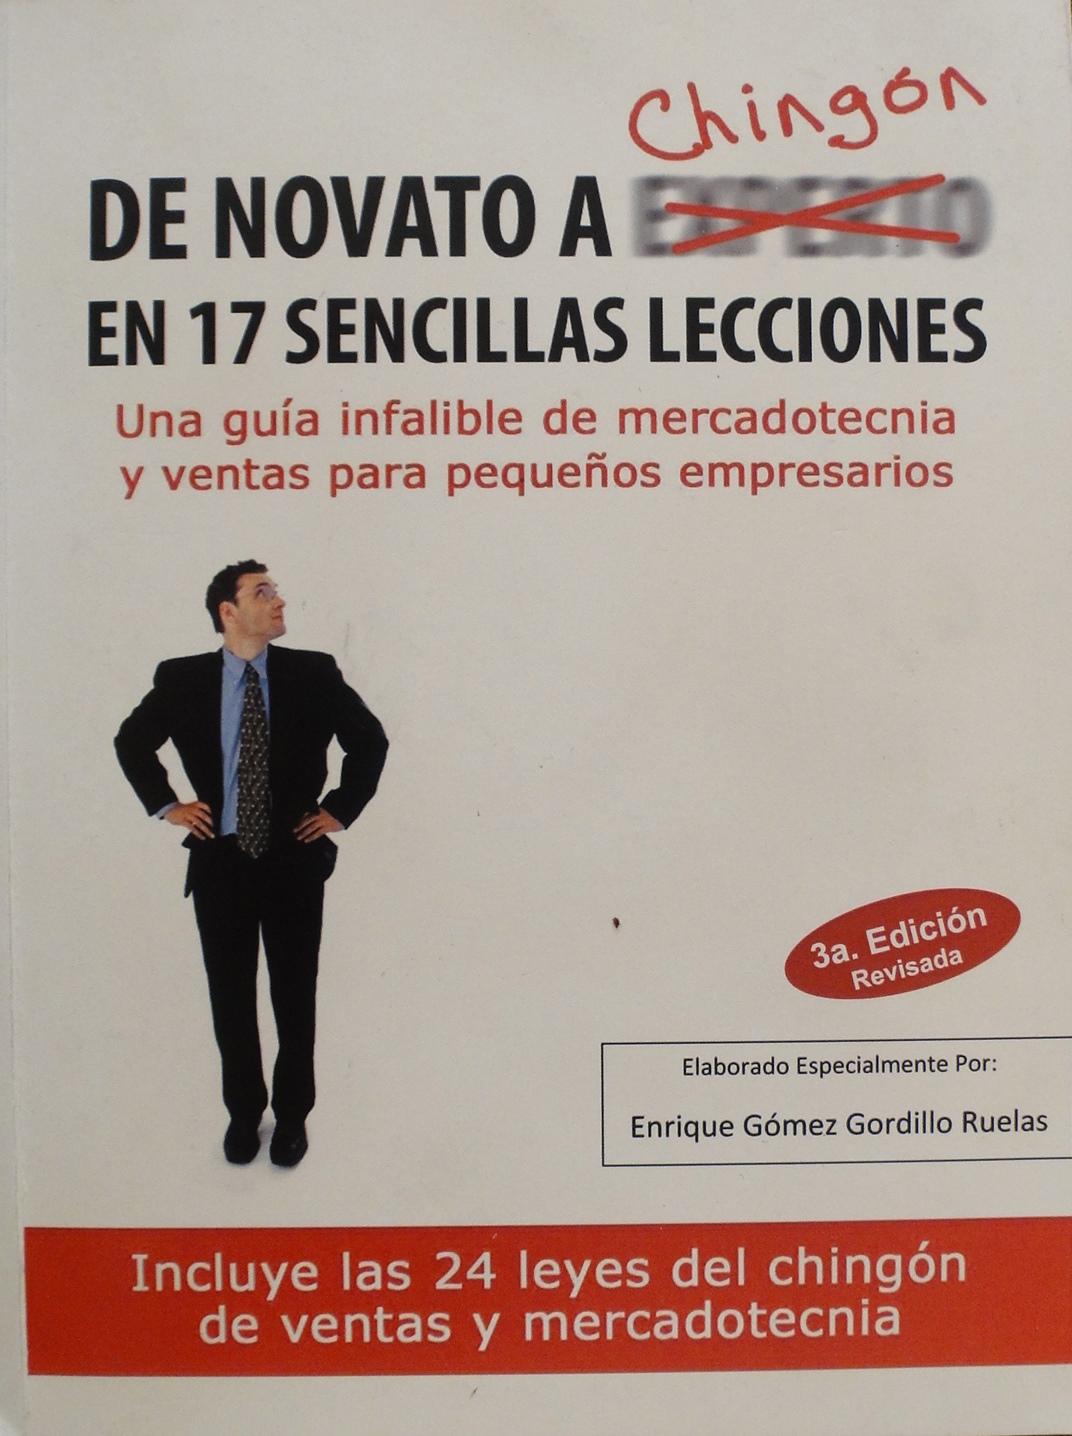 De Novato a Chingón en 17 Sencillas Lecciones